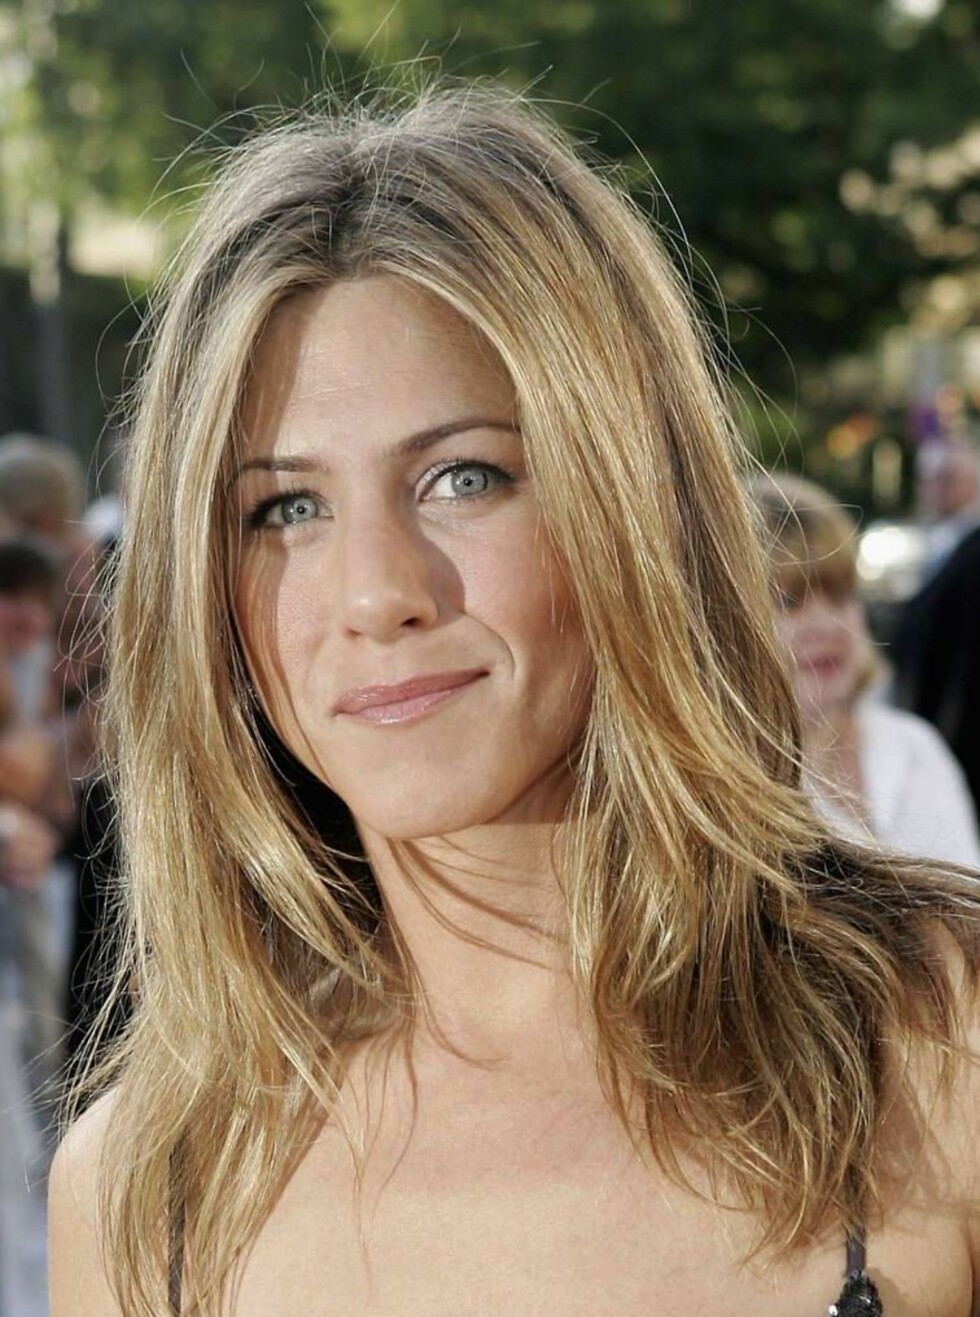 HVEM STAKK FØRST: Var det faktisk Jenifer Aniston som   sviktet Brad? Foto: All Over Press